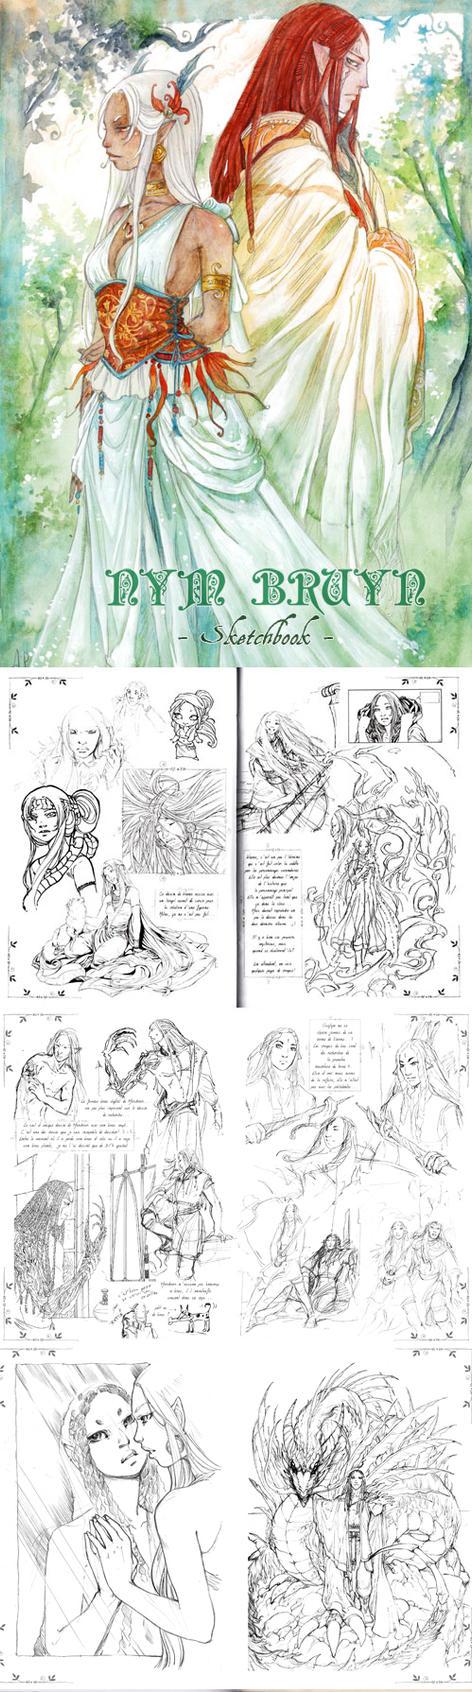 Nym-Bruyn- Sketchbook V2 by Alice-Bobbaji